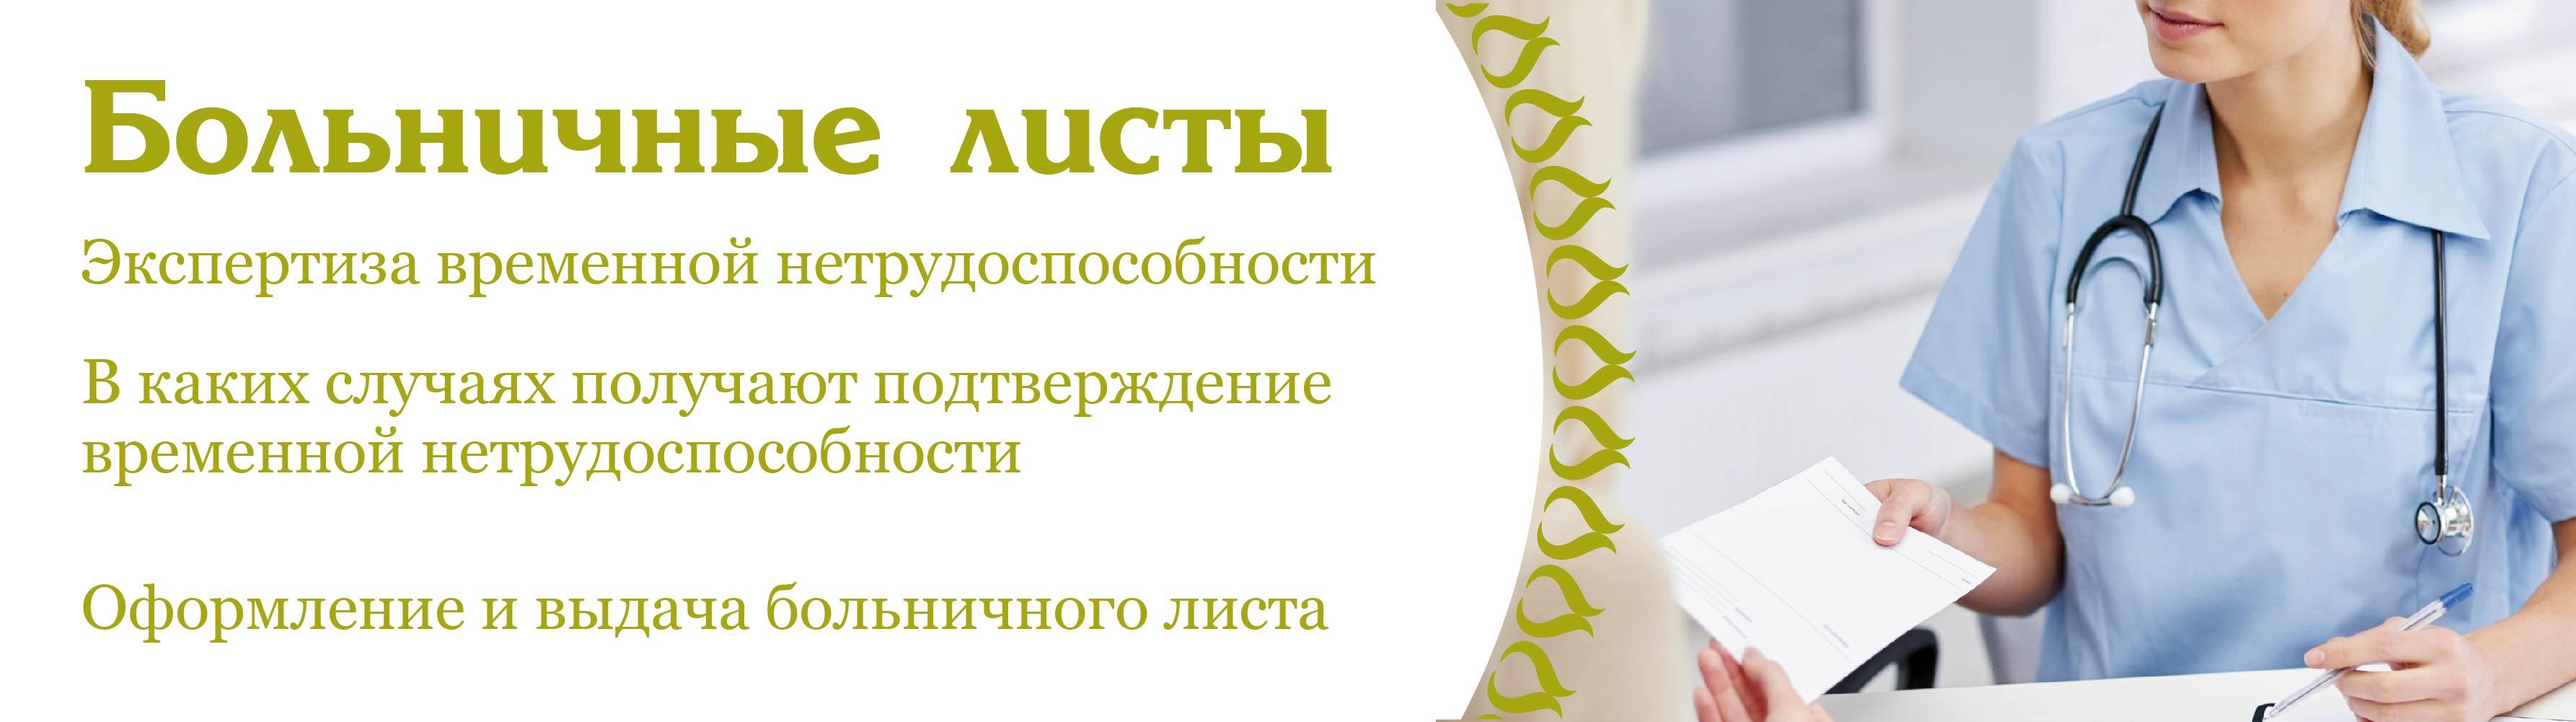 Больничный лист в частной клинике Москва Новокосино